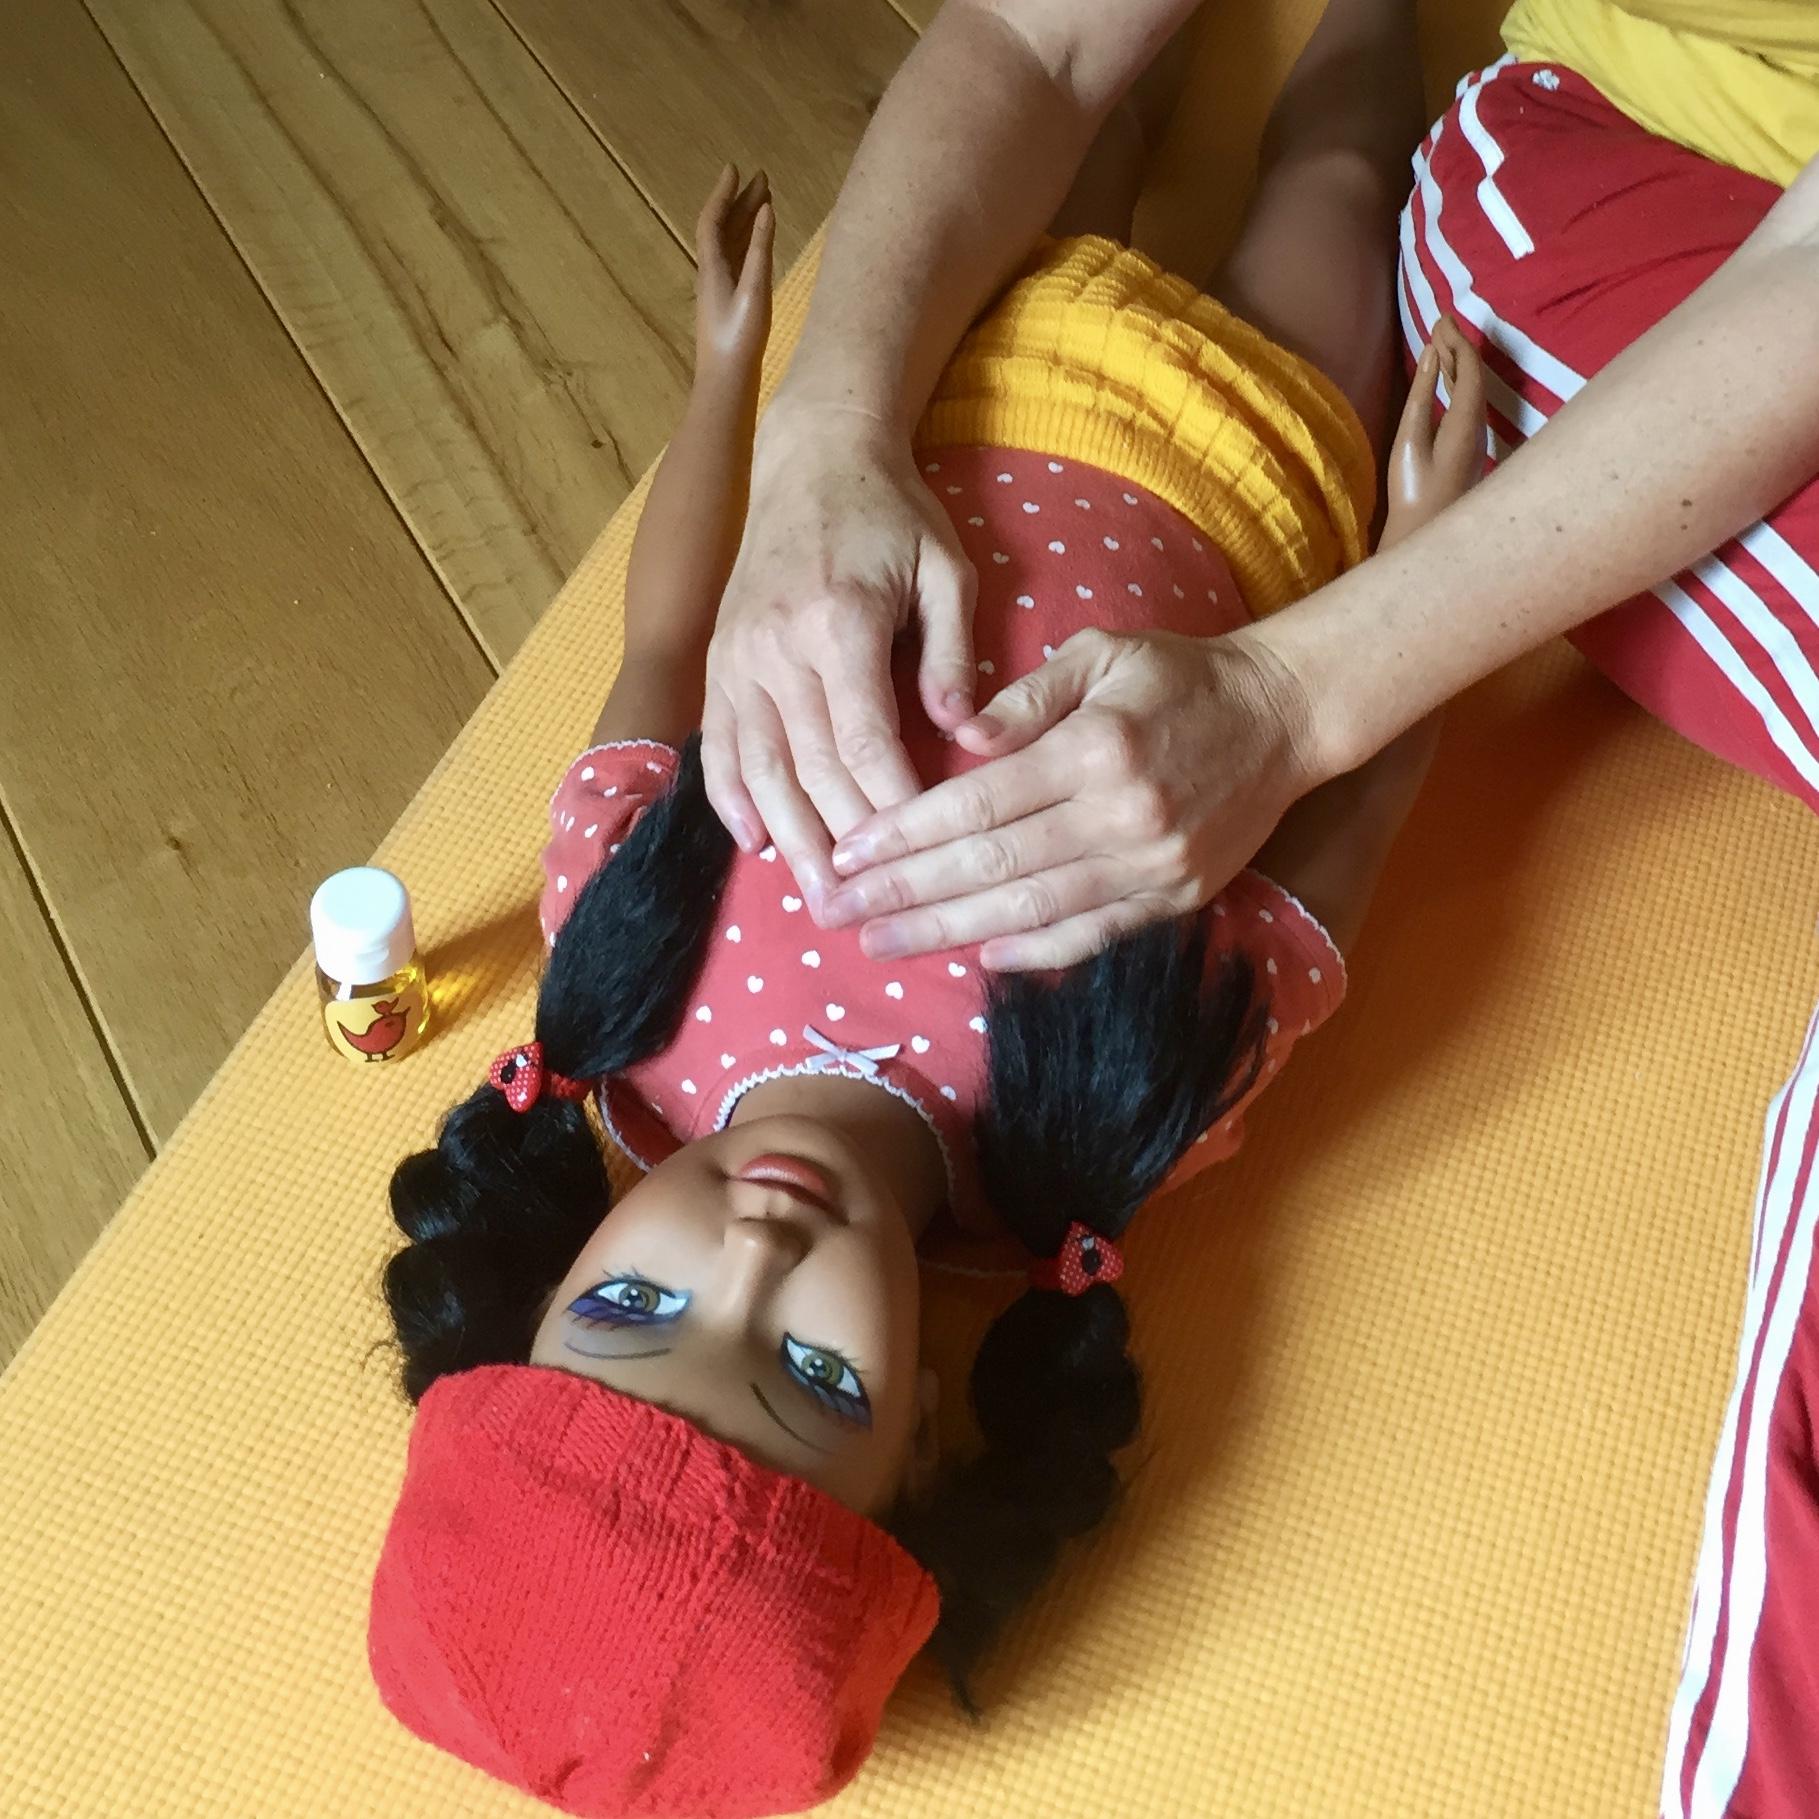 Online Cursus Kindermassage